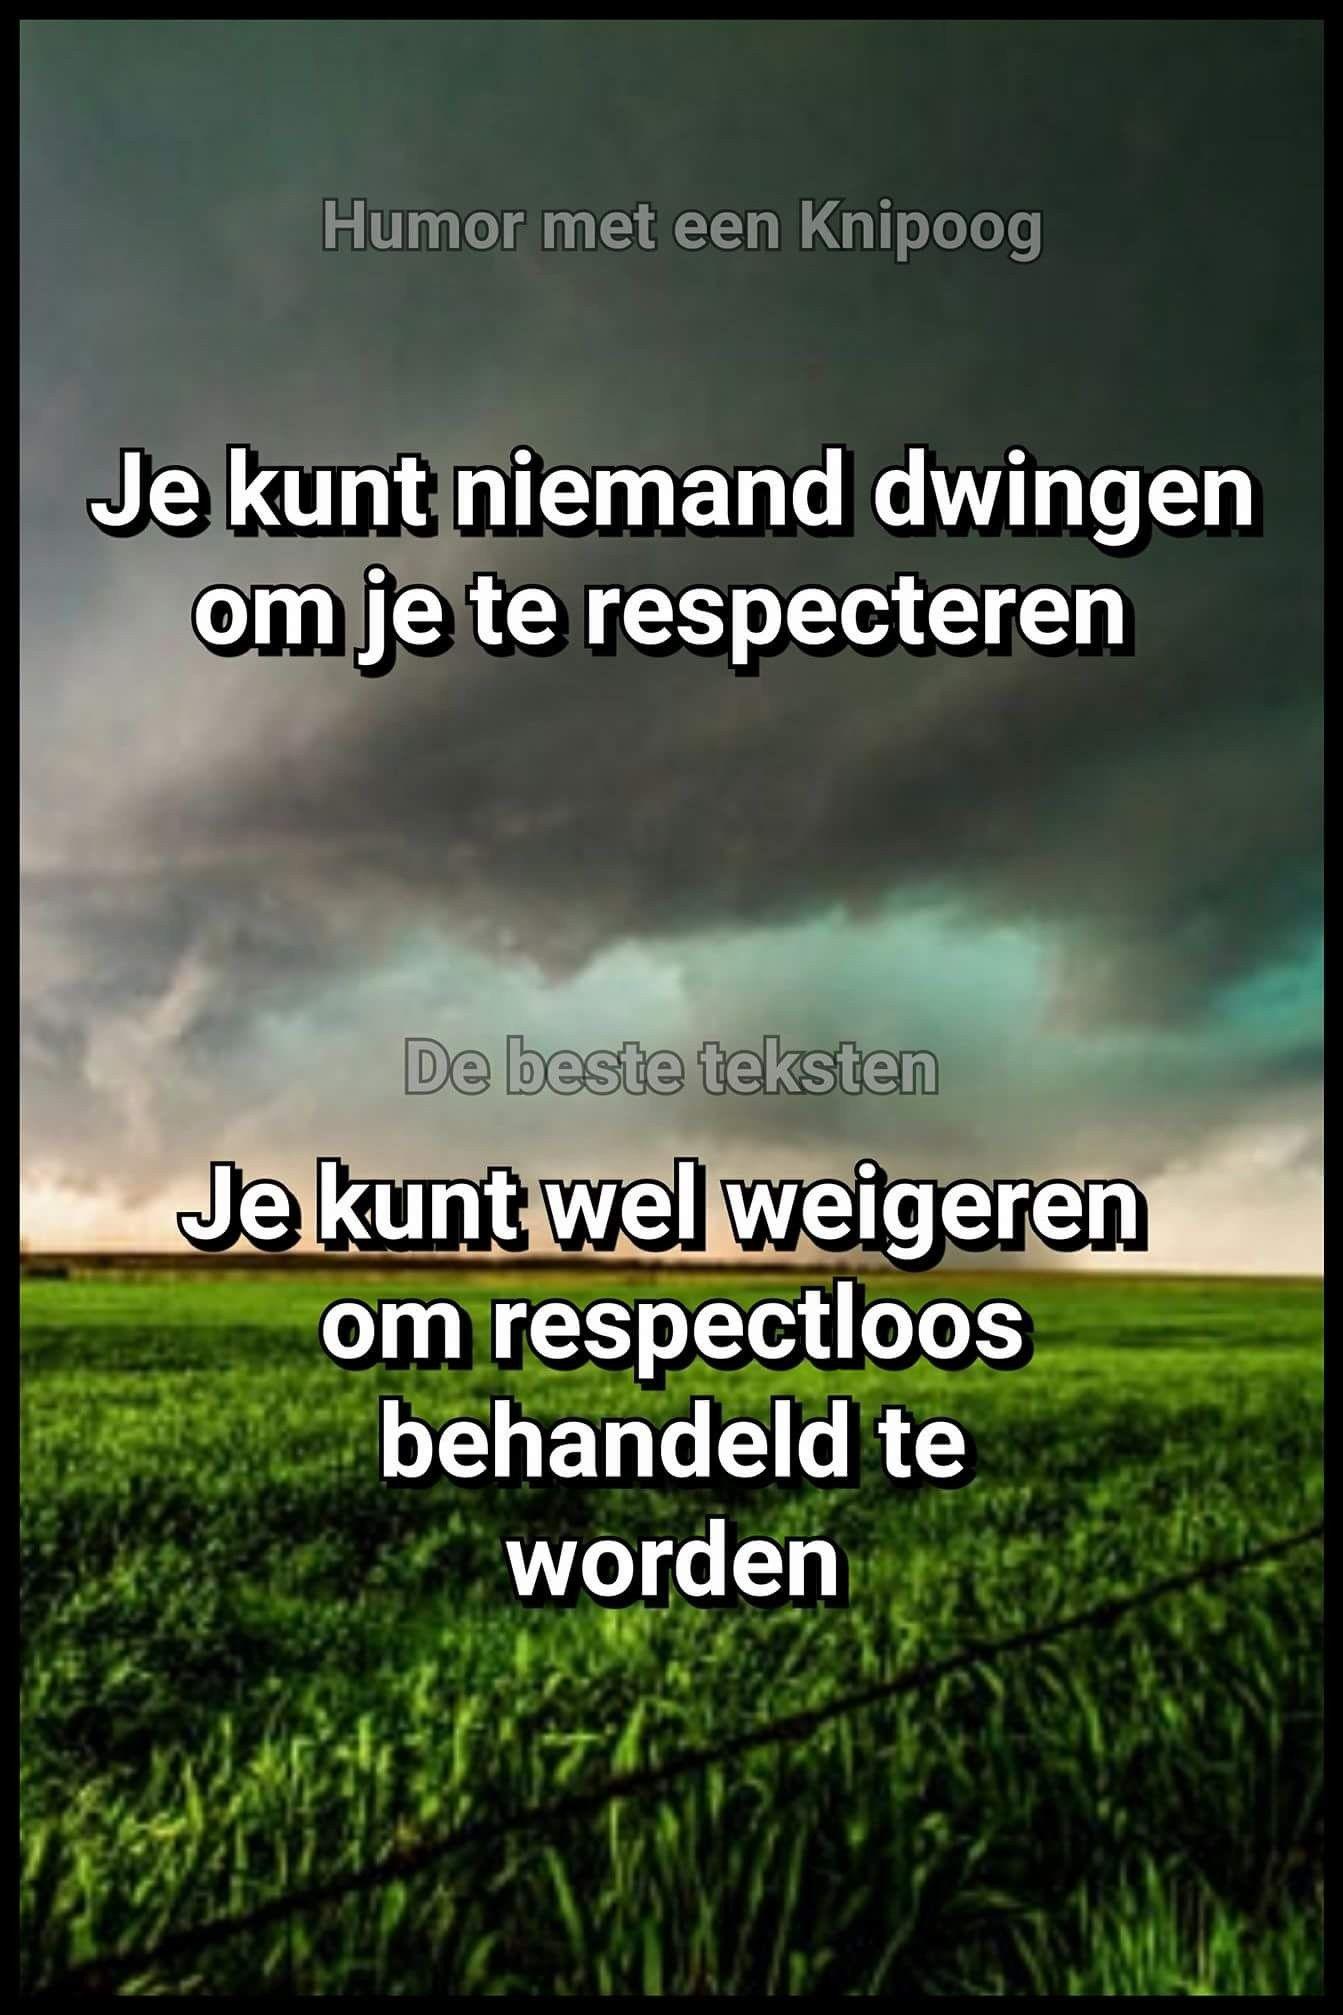 Citaten Nederlandse Literatuur : Je kunt niemand dwingen je te respecteren ware woorden citaten